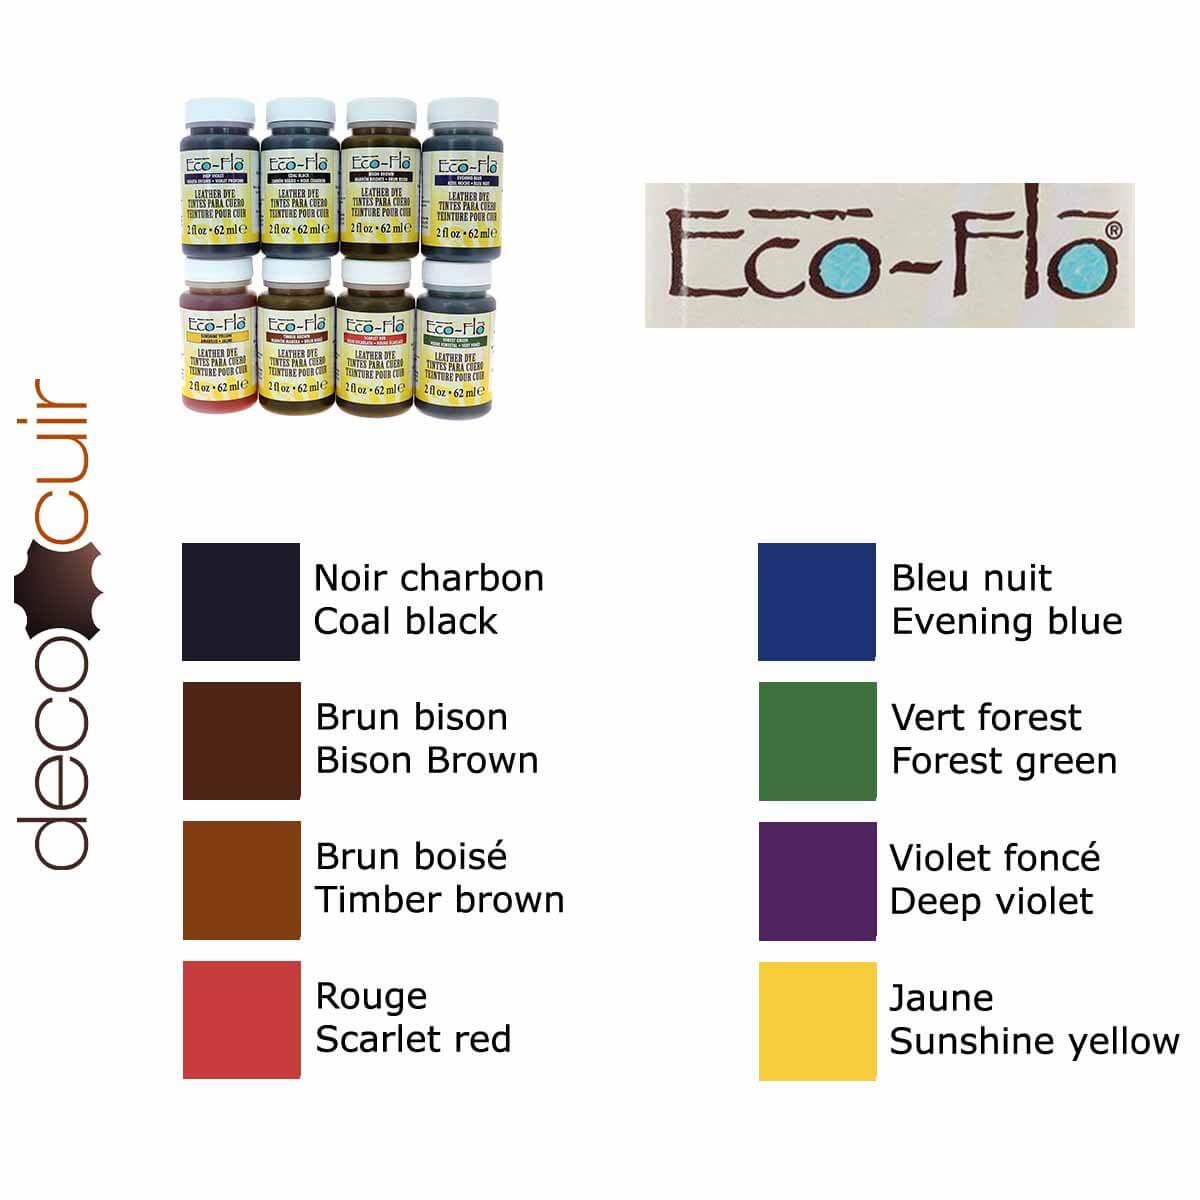 Lot de 8 teintures opaques base aqueuse - Eco-Flo #05